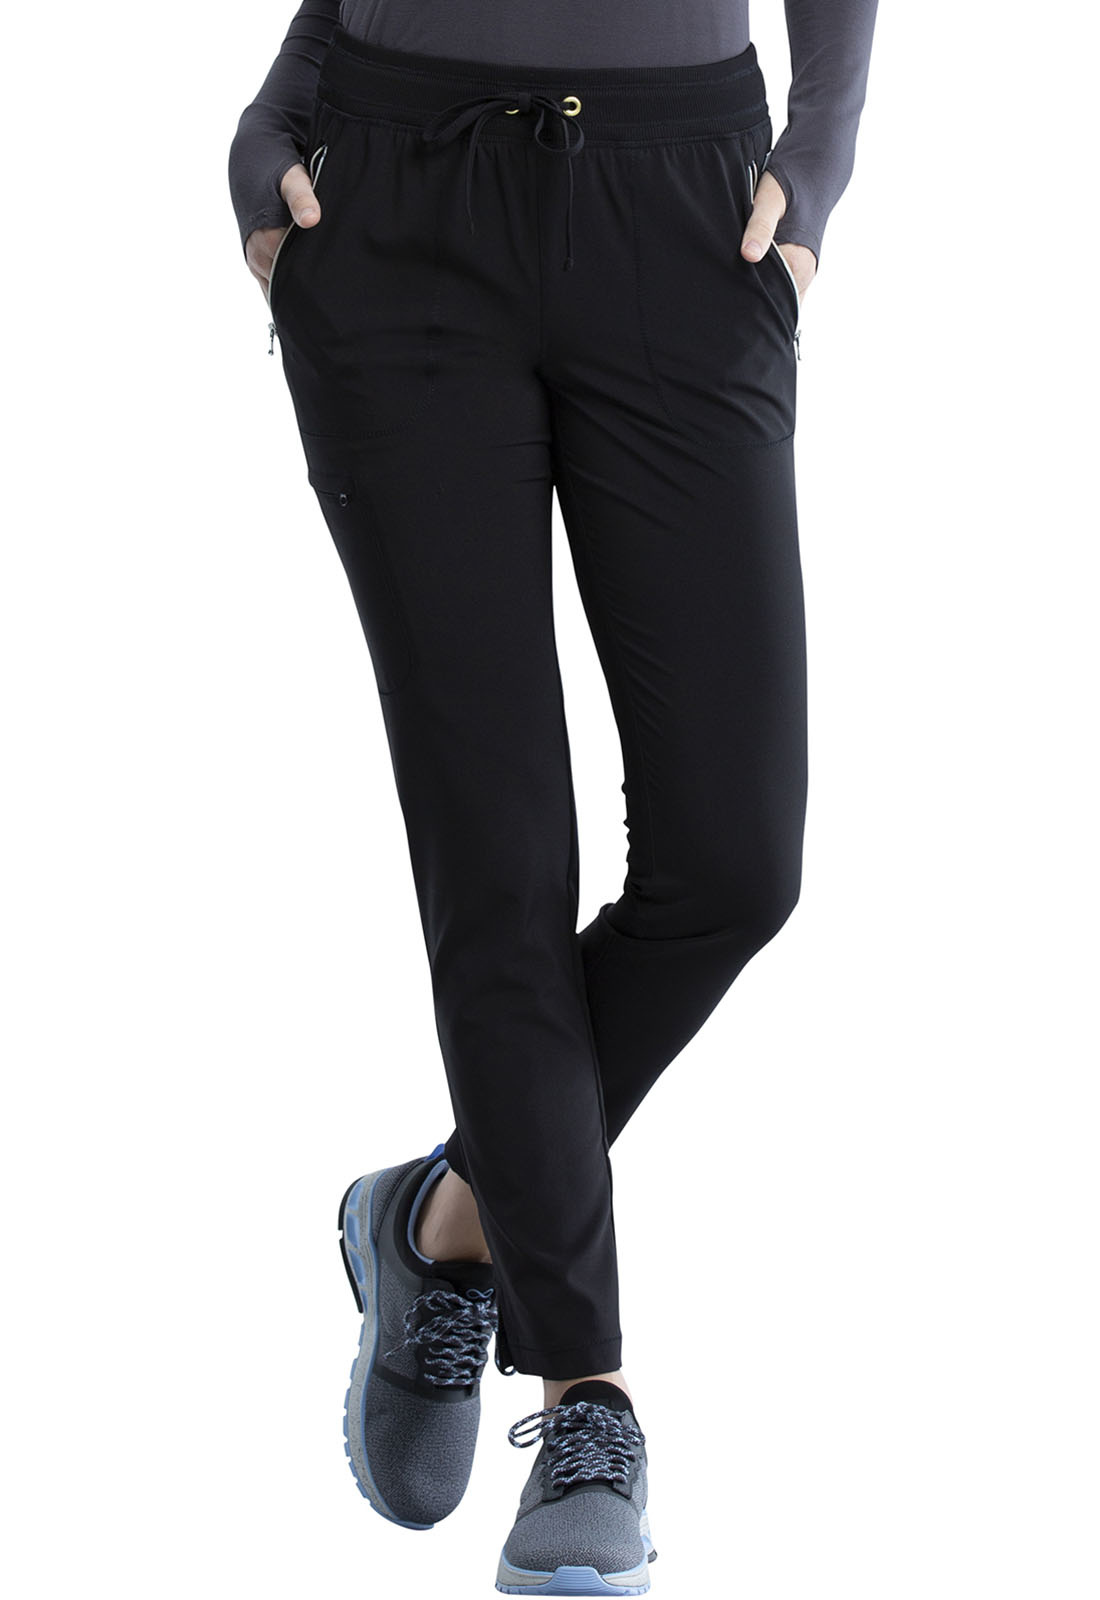 CHEROKEE Pull-on Pants Black CK135AP